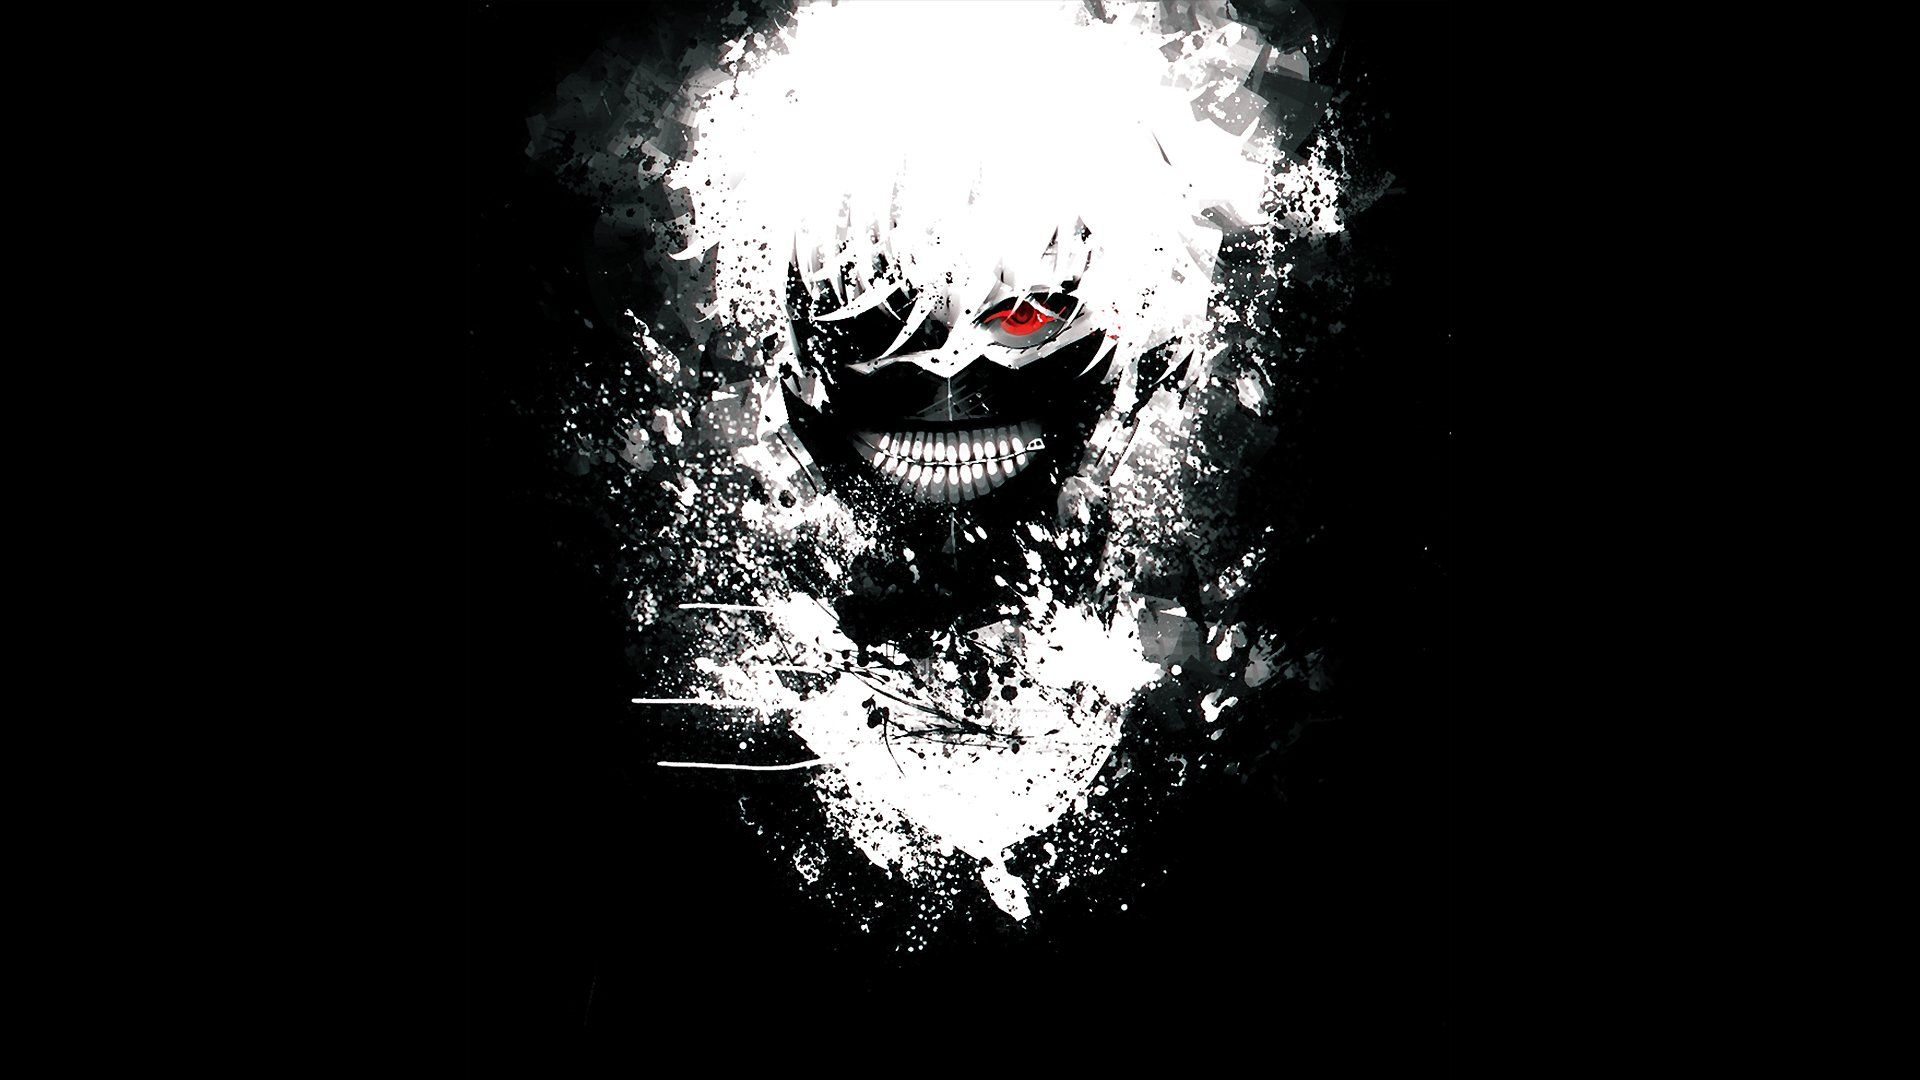 Hình nền đen cực đẹp Tokyo Ghoul